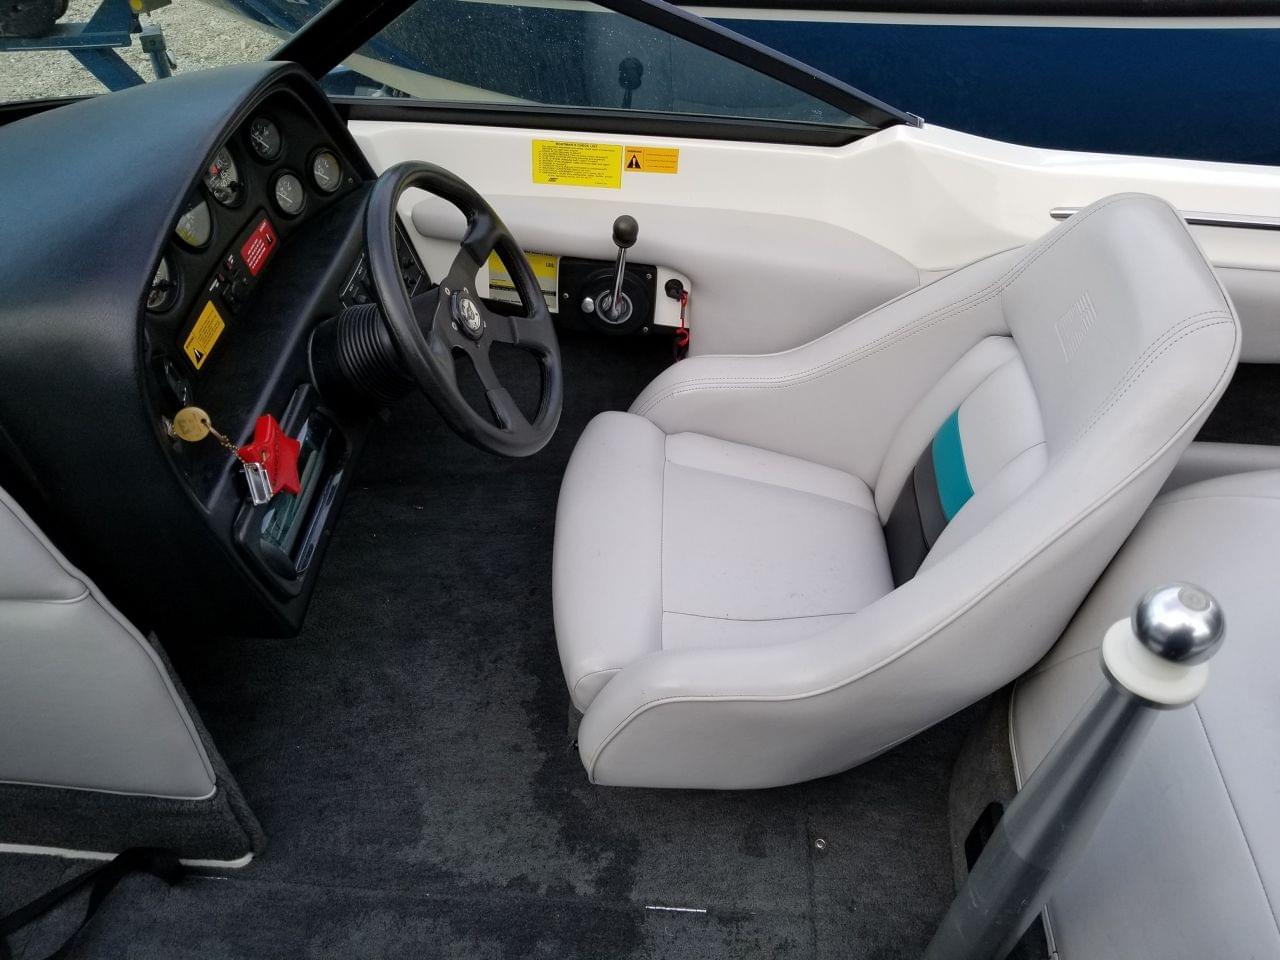 Used 1993 Mastercraft Prostar 205, Stock #UBH2918 - The Boat